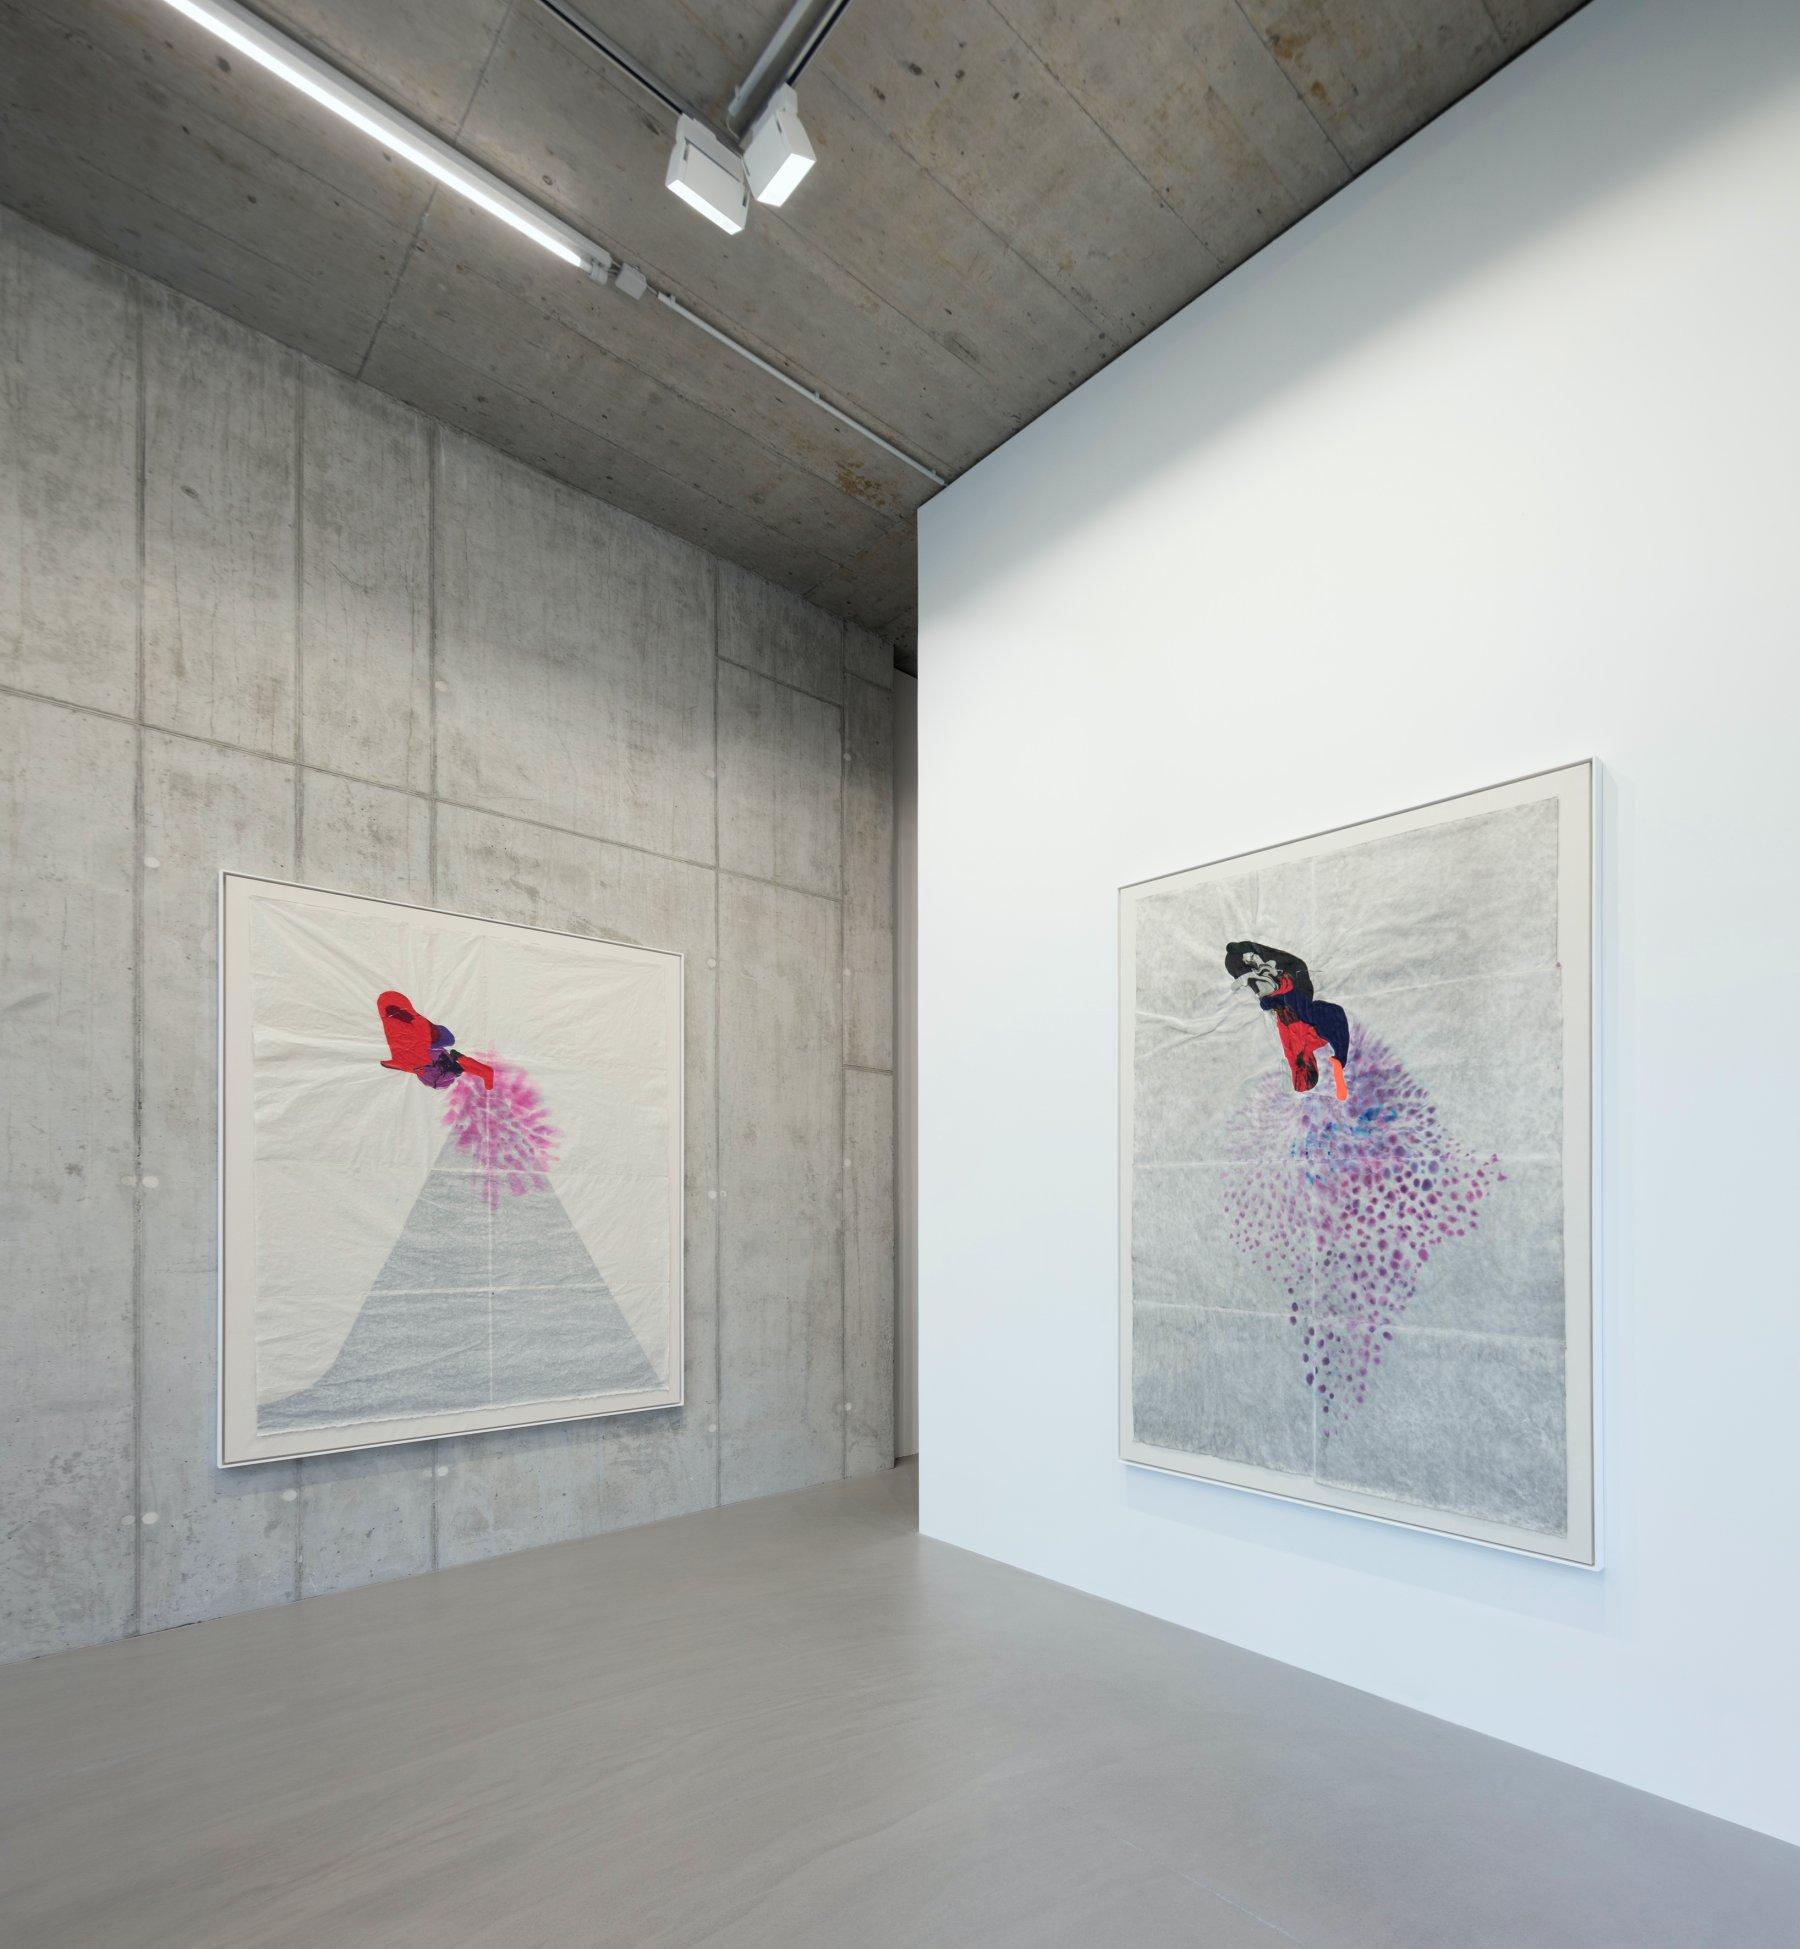 Daniel McLaughlin Ausstellung Lluis Lleo, Berlin